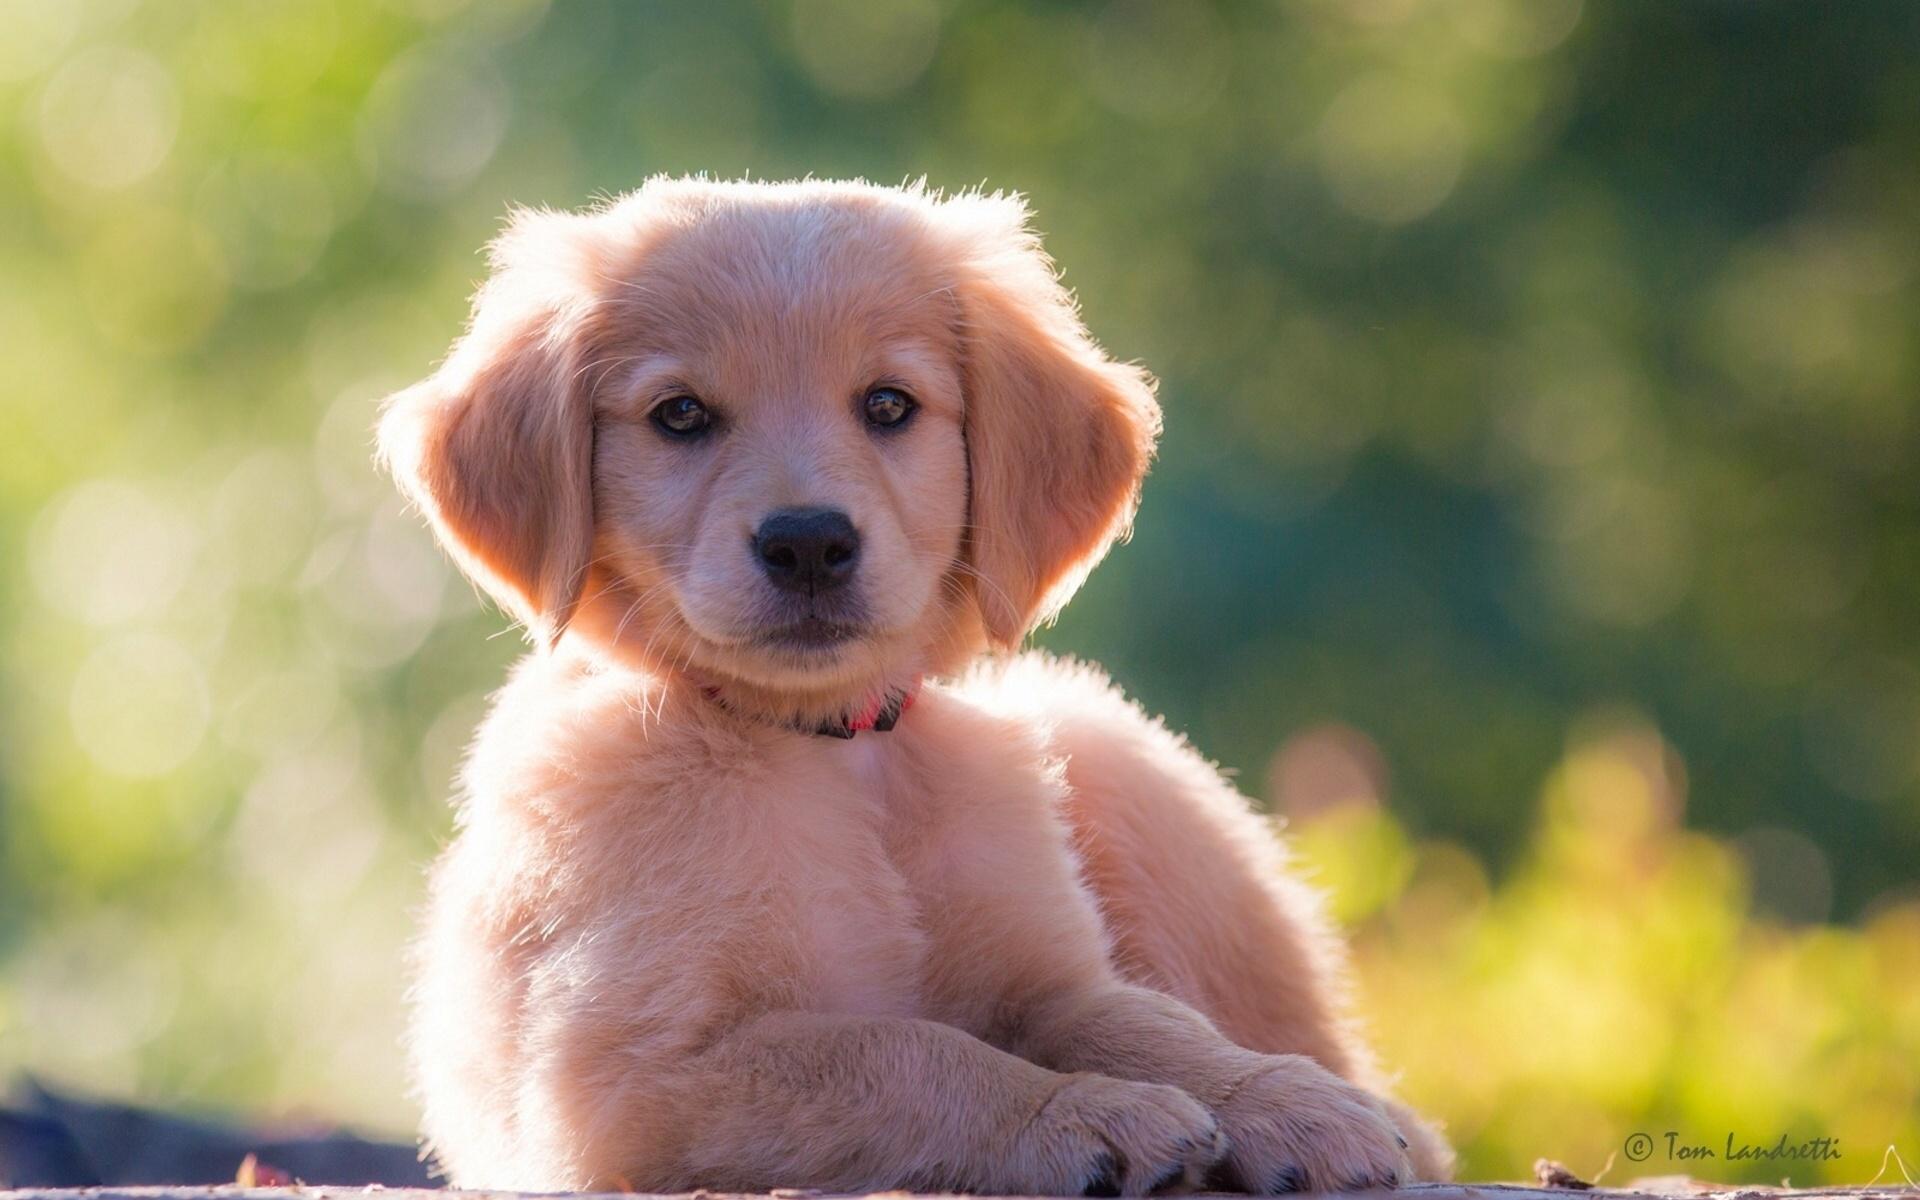 картинки собак щенки смотреть